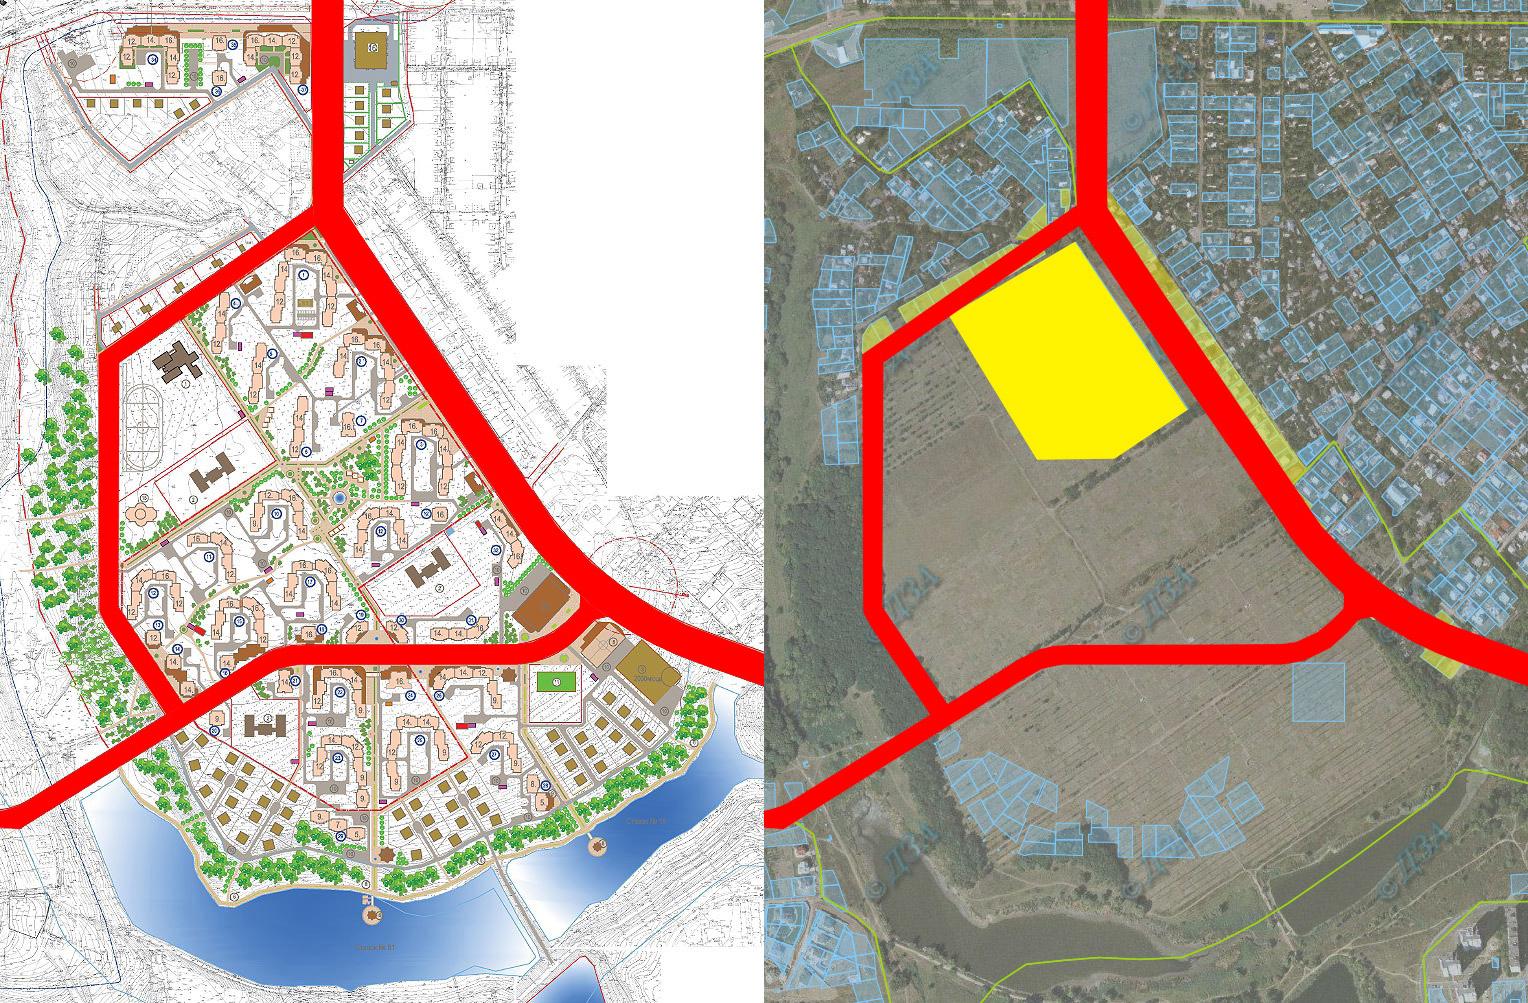 Межі проектних доріг майбутнього мікрорайону проходять через приватні земельні ділянки